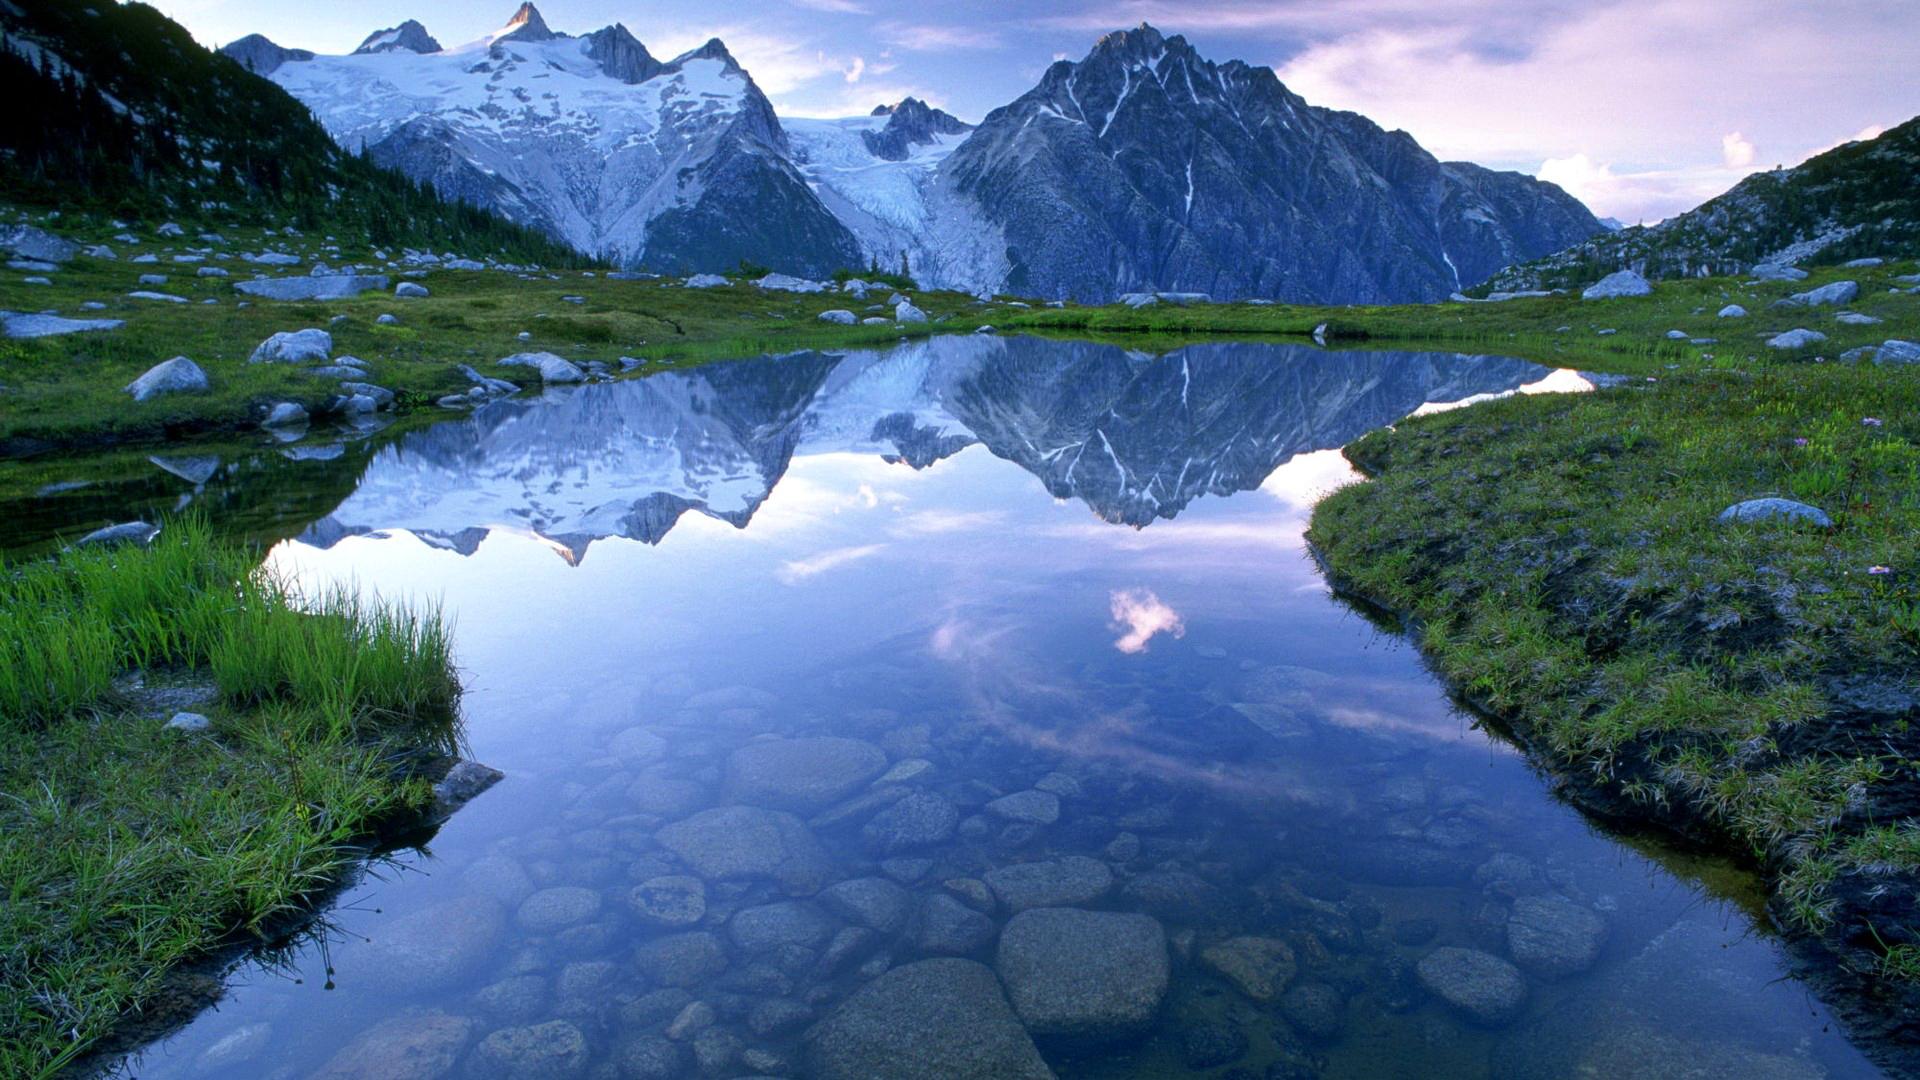 озеро среди скалистых гор подборки